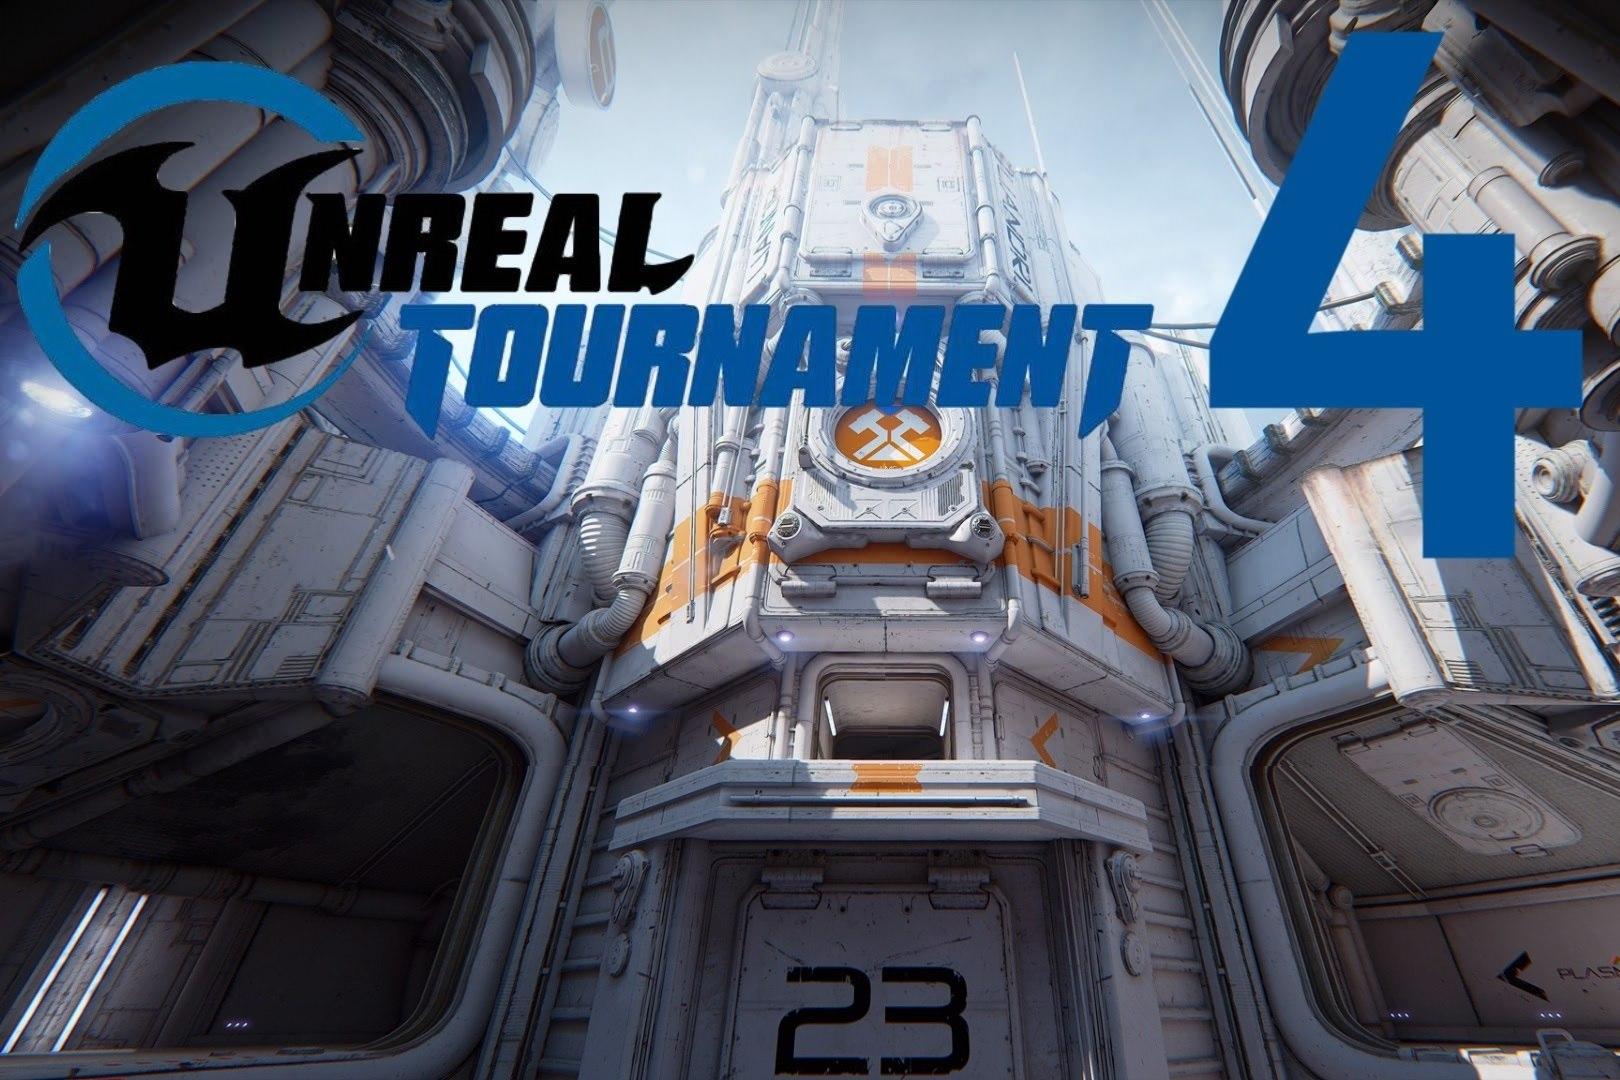 Unreal Tournament 4 2019: дата выхода, трейлер и системные требования игры картинки